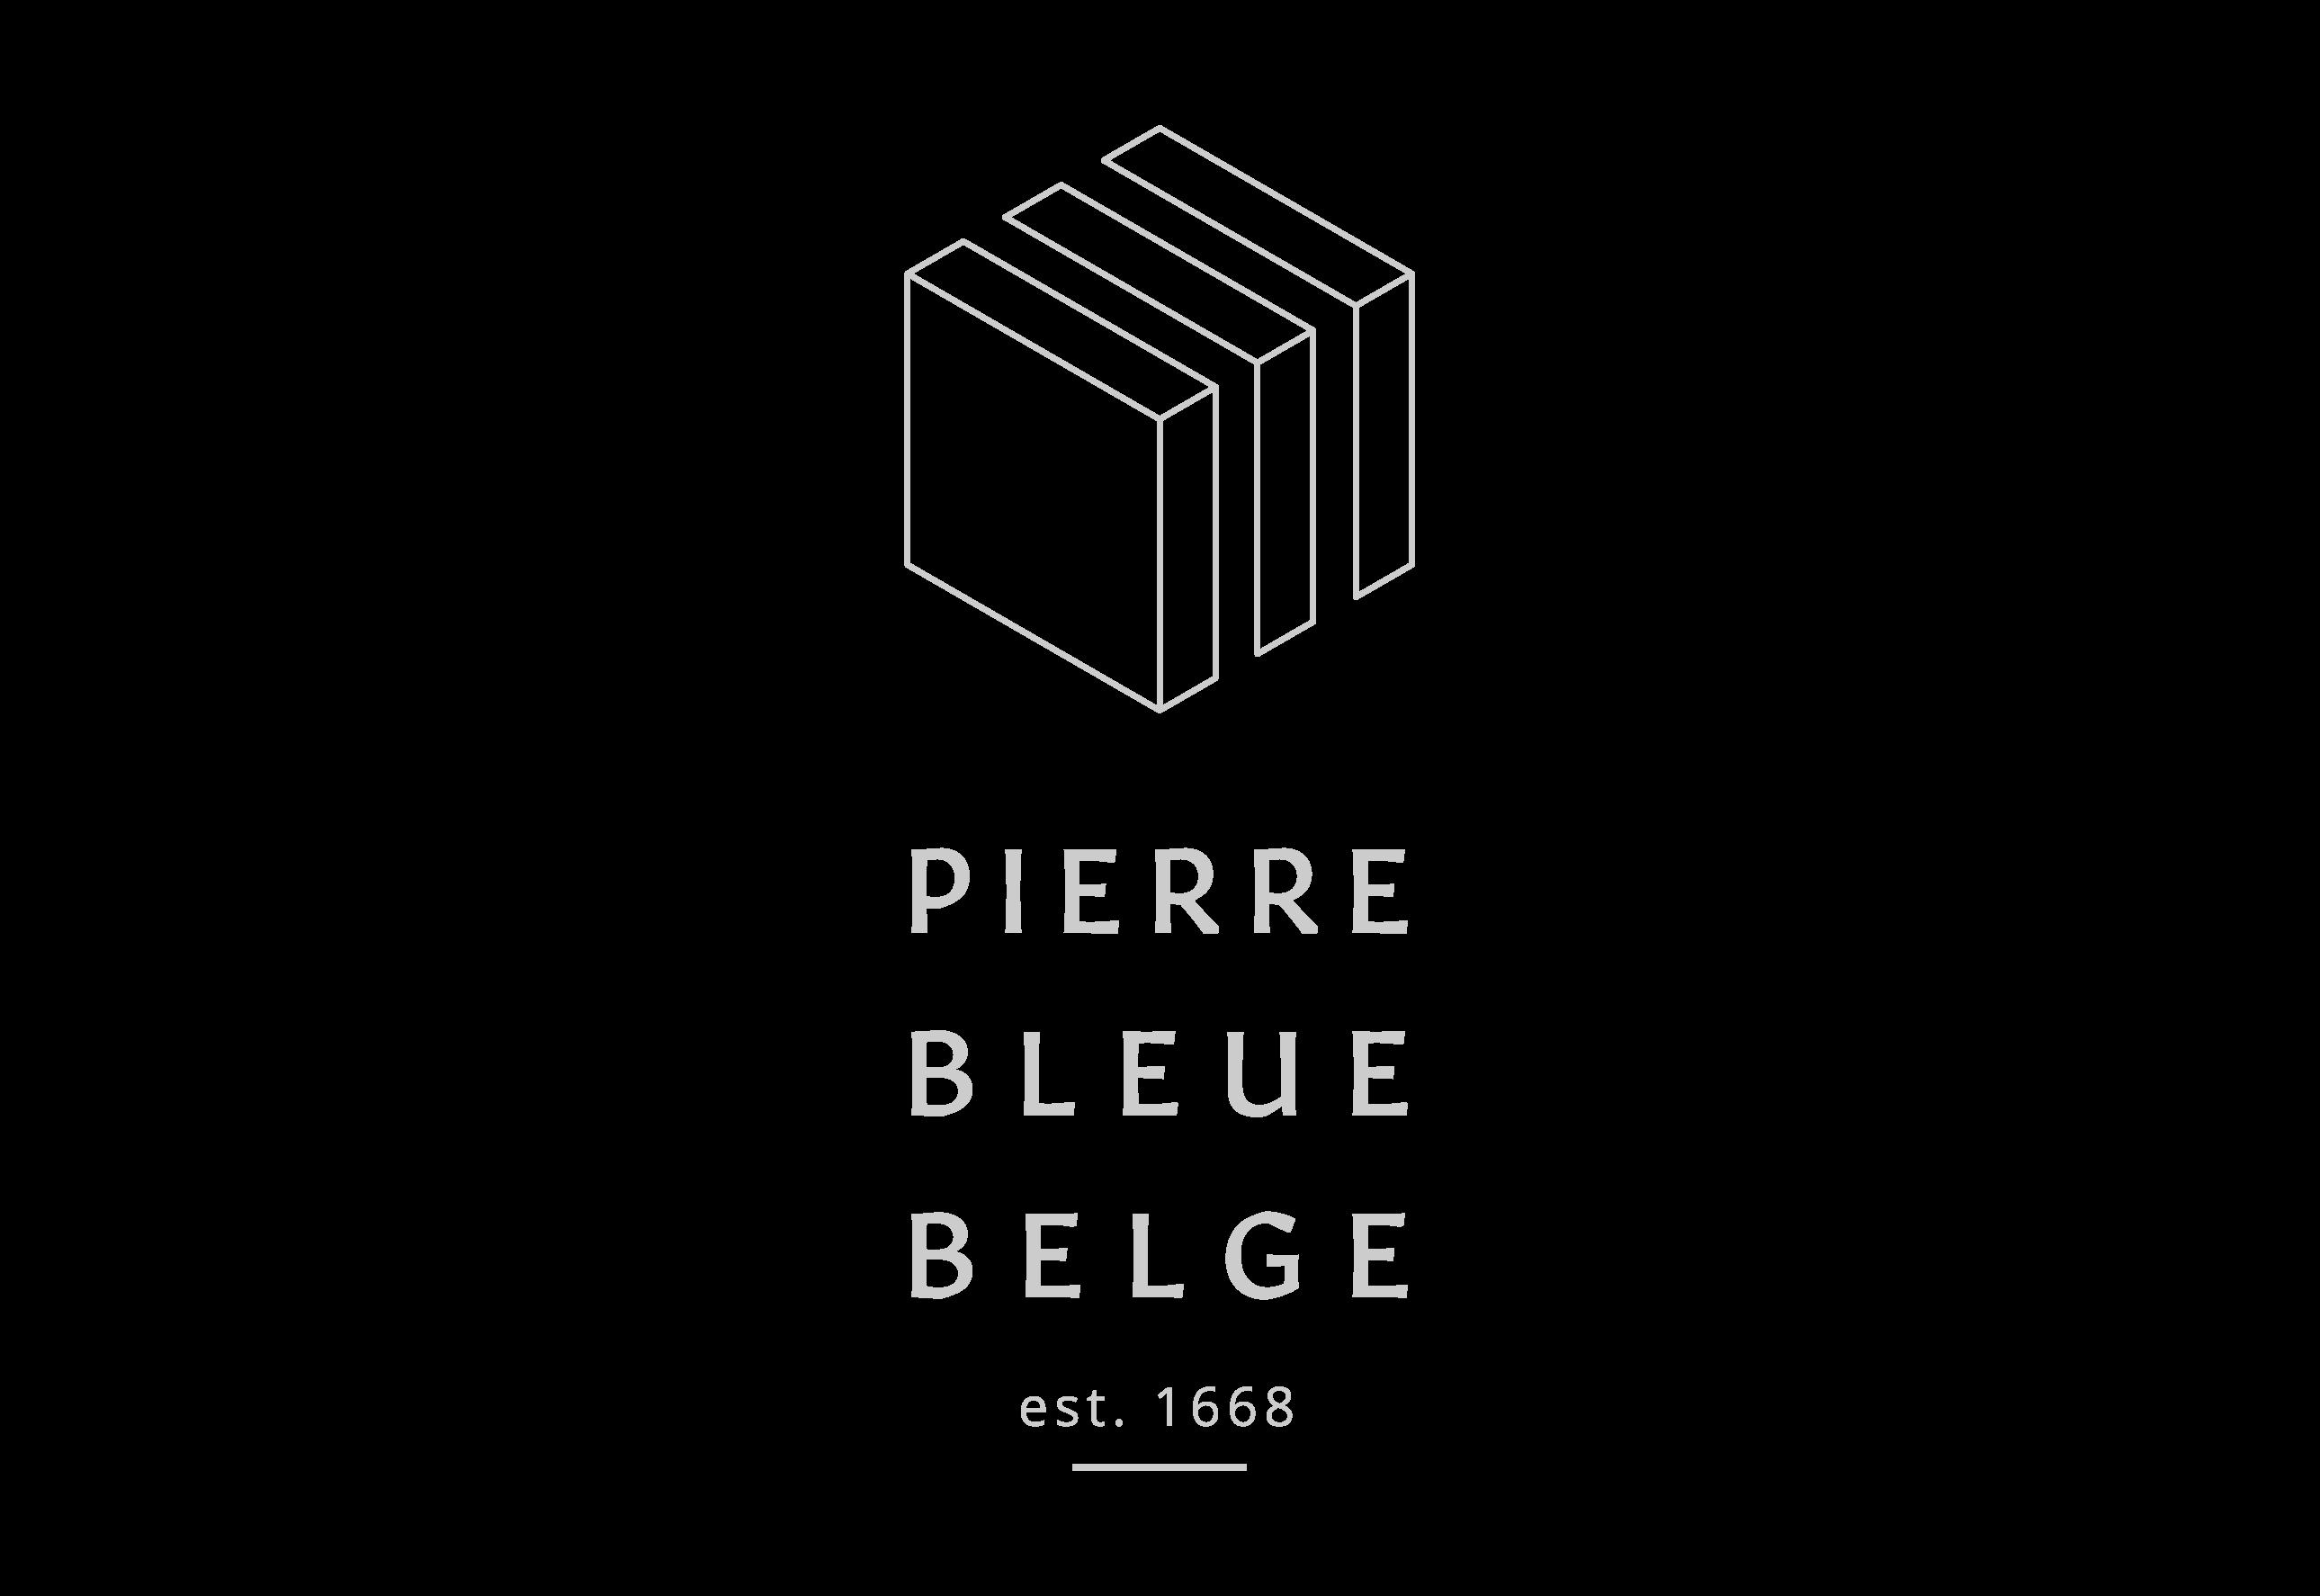 Piere Bleue Belge Natuursteen